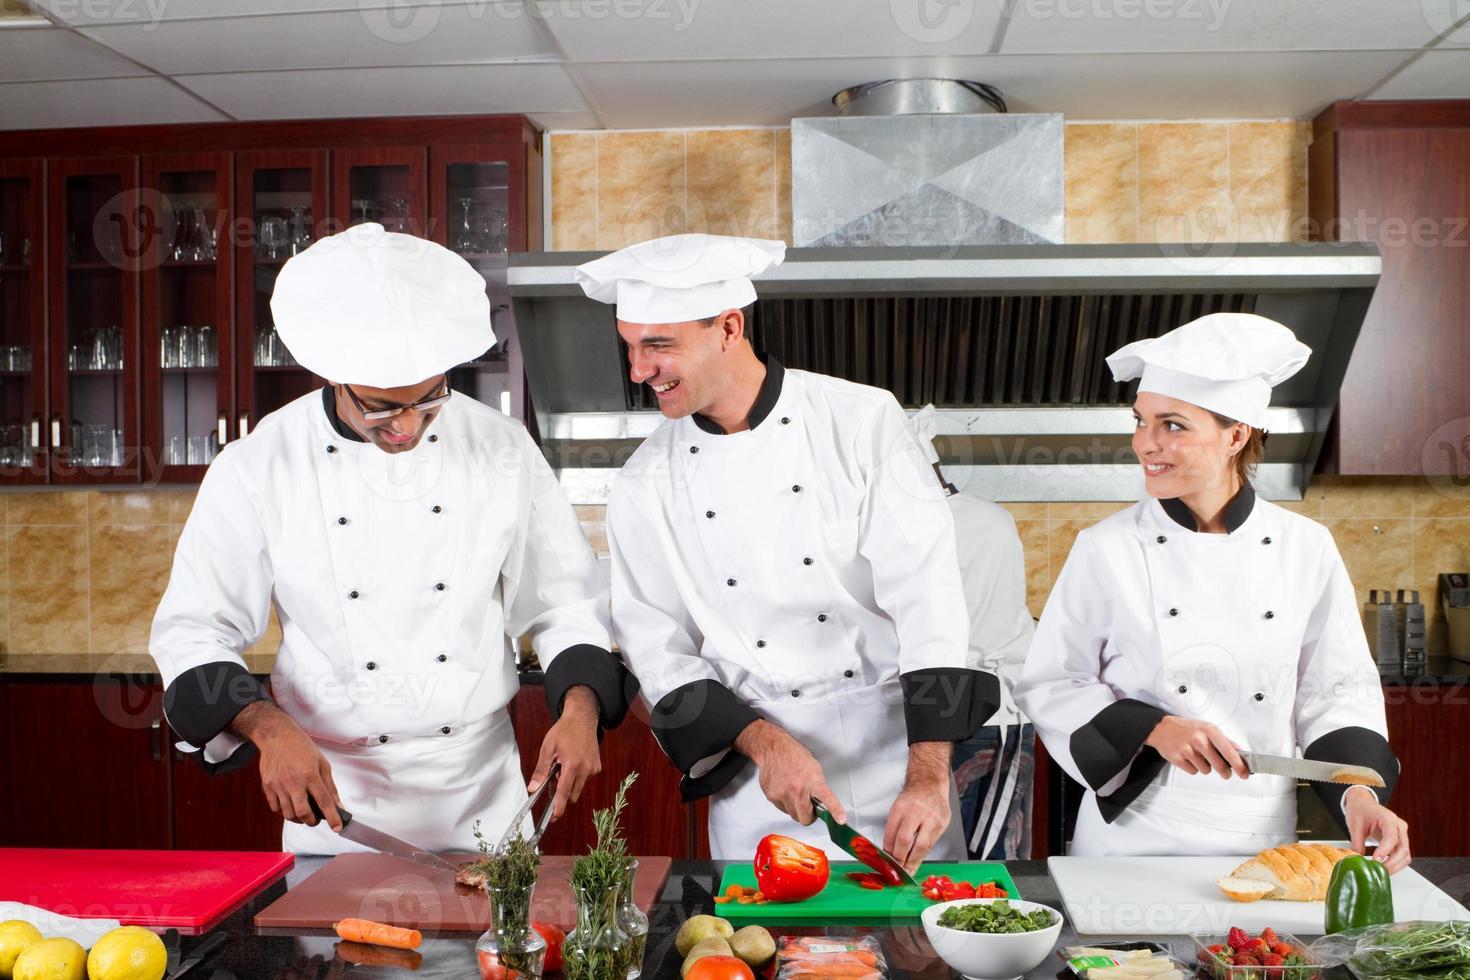 cocineros profesionales de cocina foto